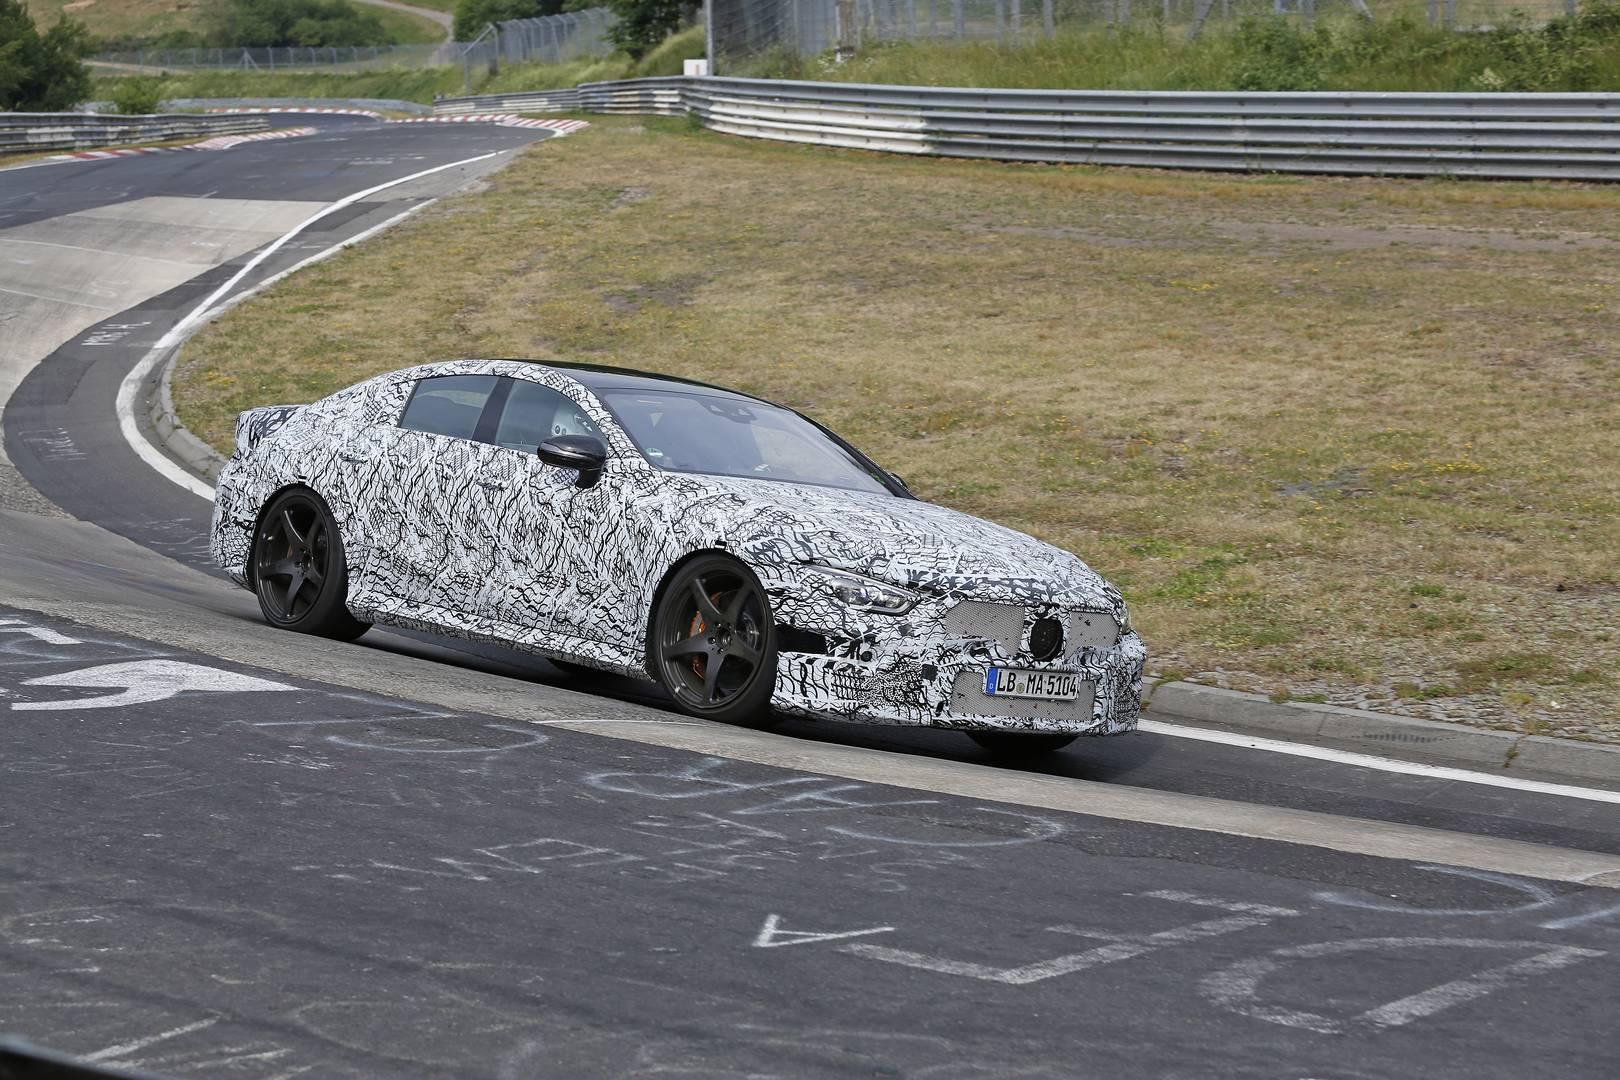 Гладкий и элегантный спортивный автомобиль с аналогичным дизайном напоминает о текущем диапазоне AMG. Можно с уверенностью сказать, что автомобиль был принят с большим энтузиазмом.